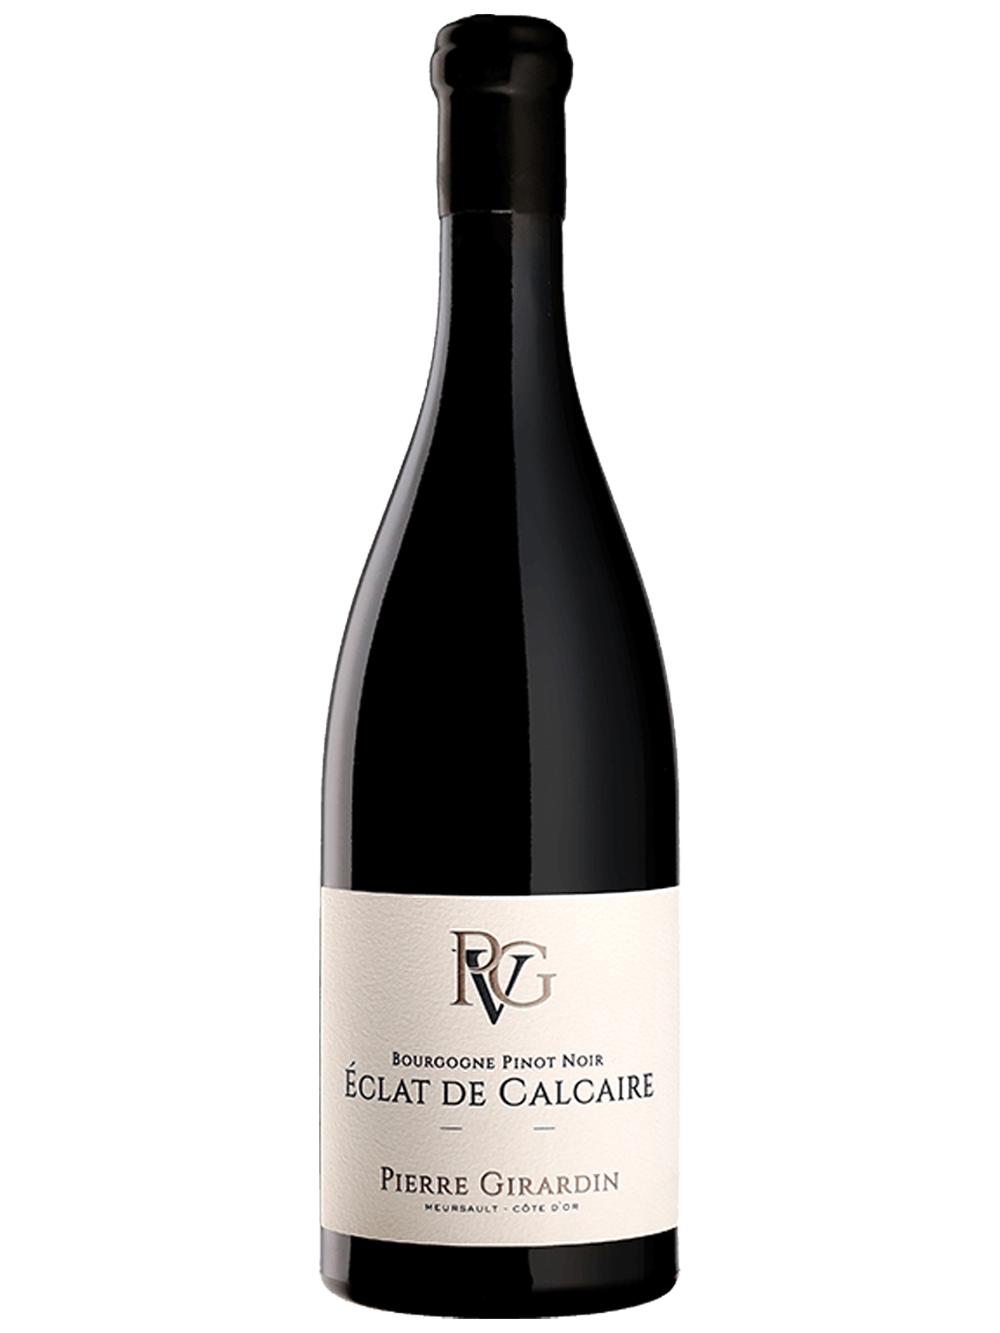 Bourgogne Pinot Noir Eclat de Calcaire